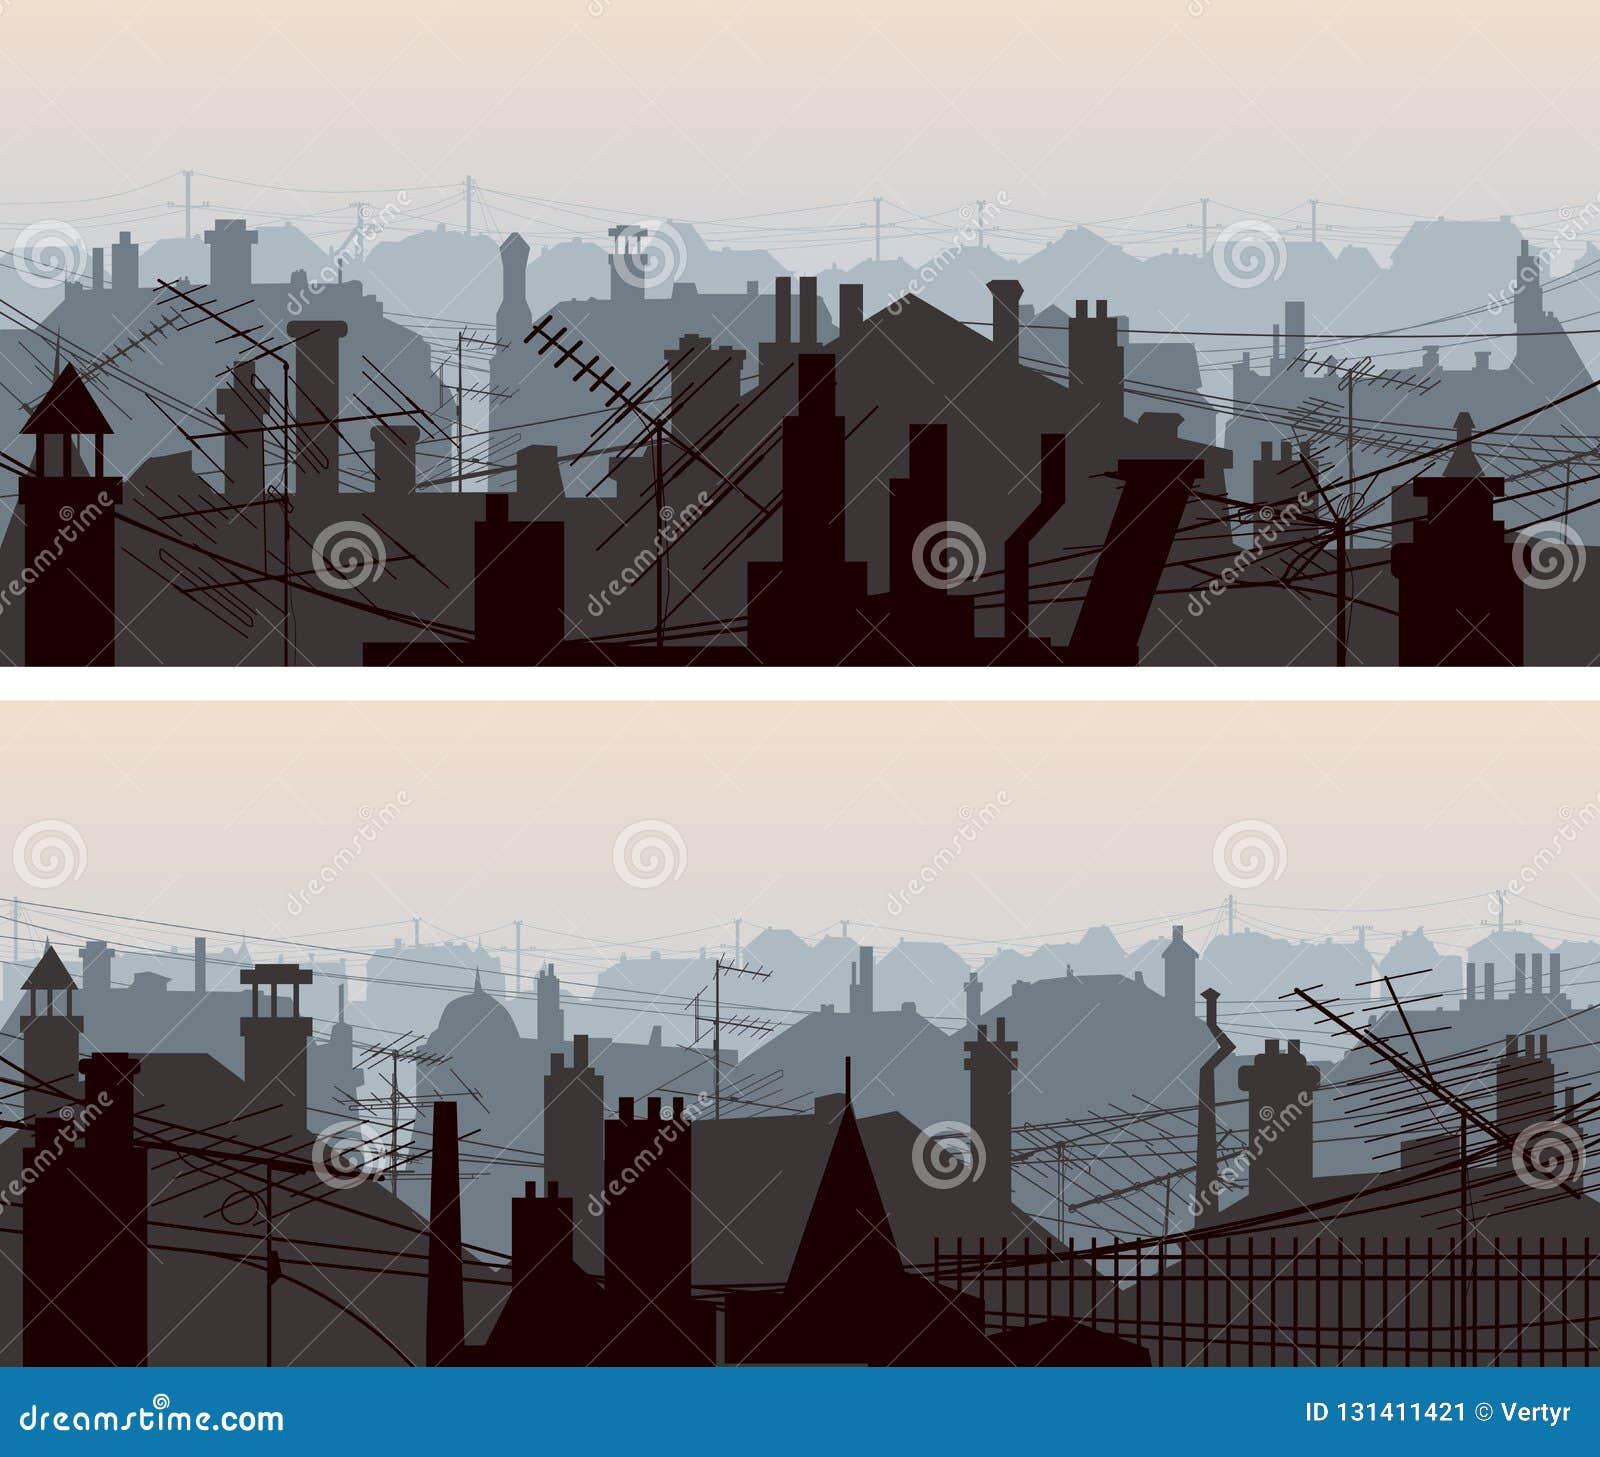 Banderas horizontales de tejados céntricos con las antenas y la chimenea